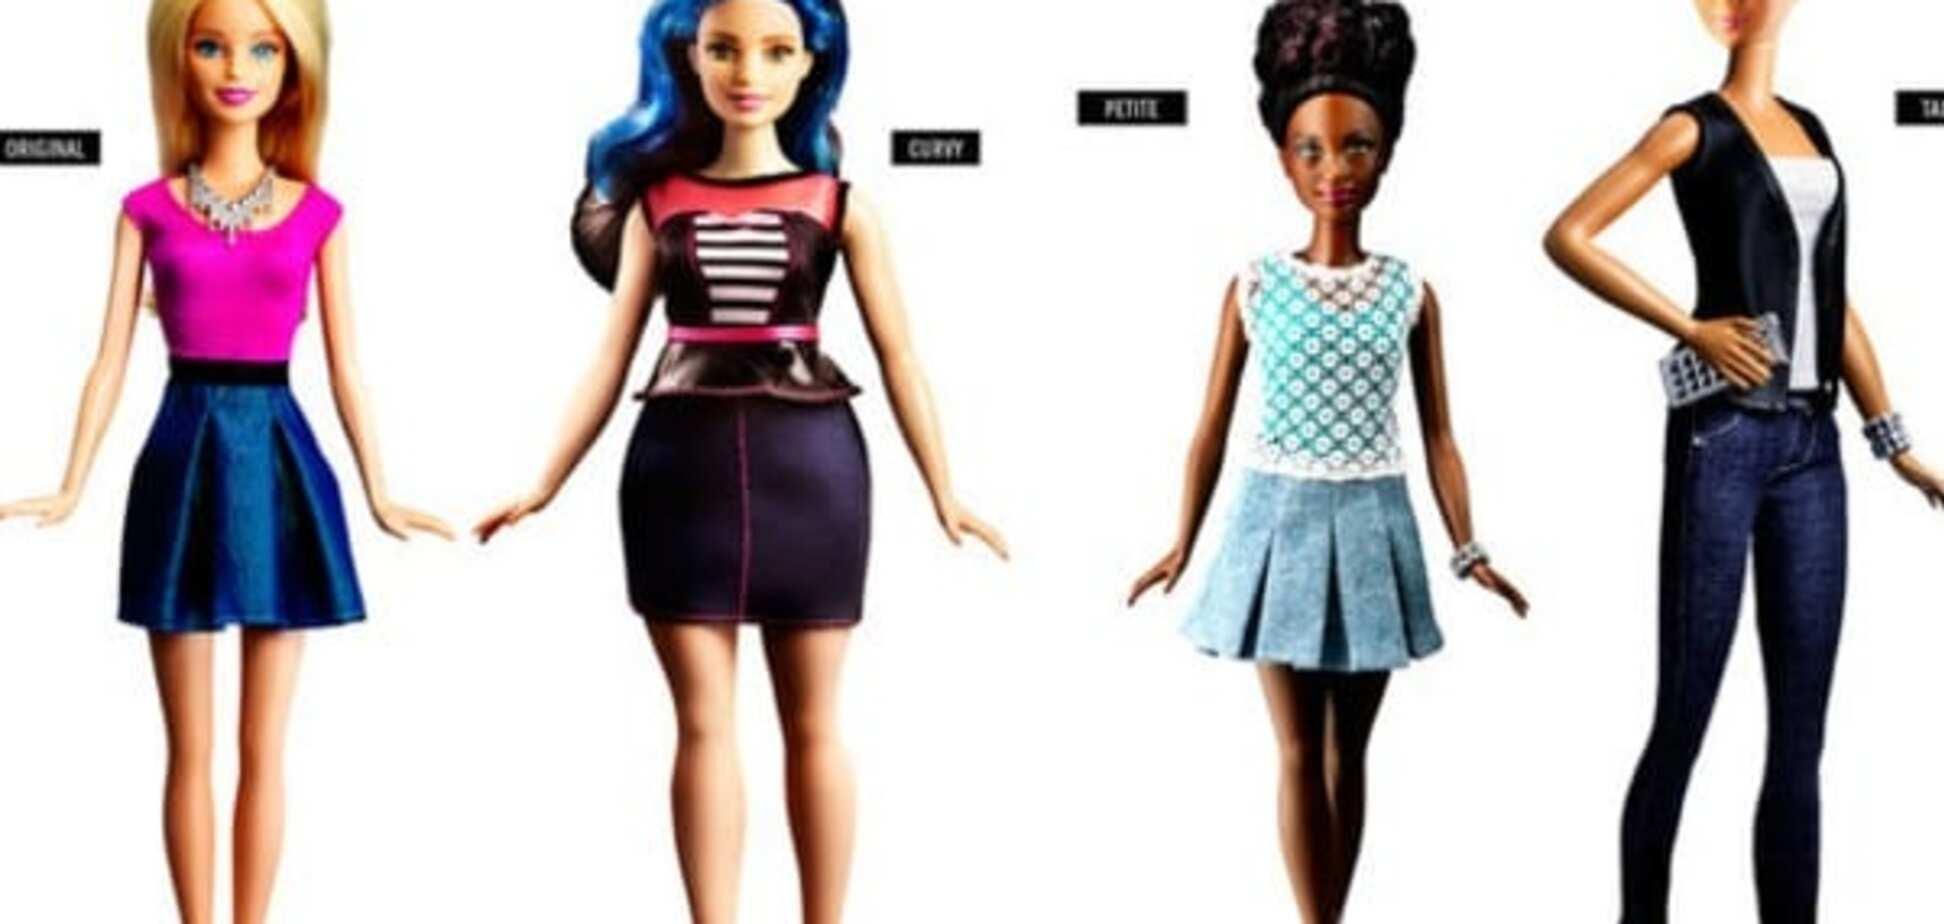 Смена стандартов: американцы выпустили куклу Барби 'размера плюс'